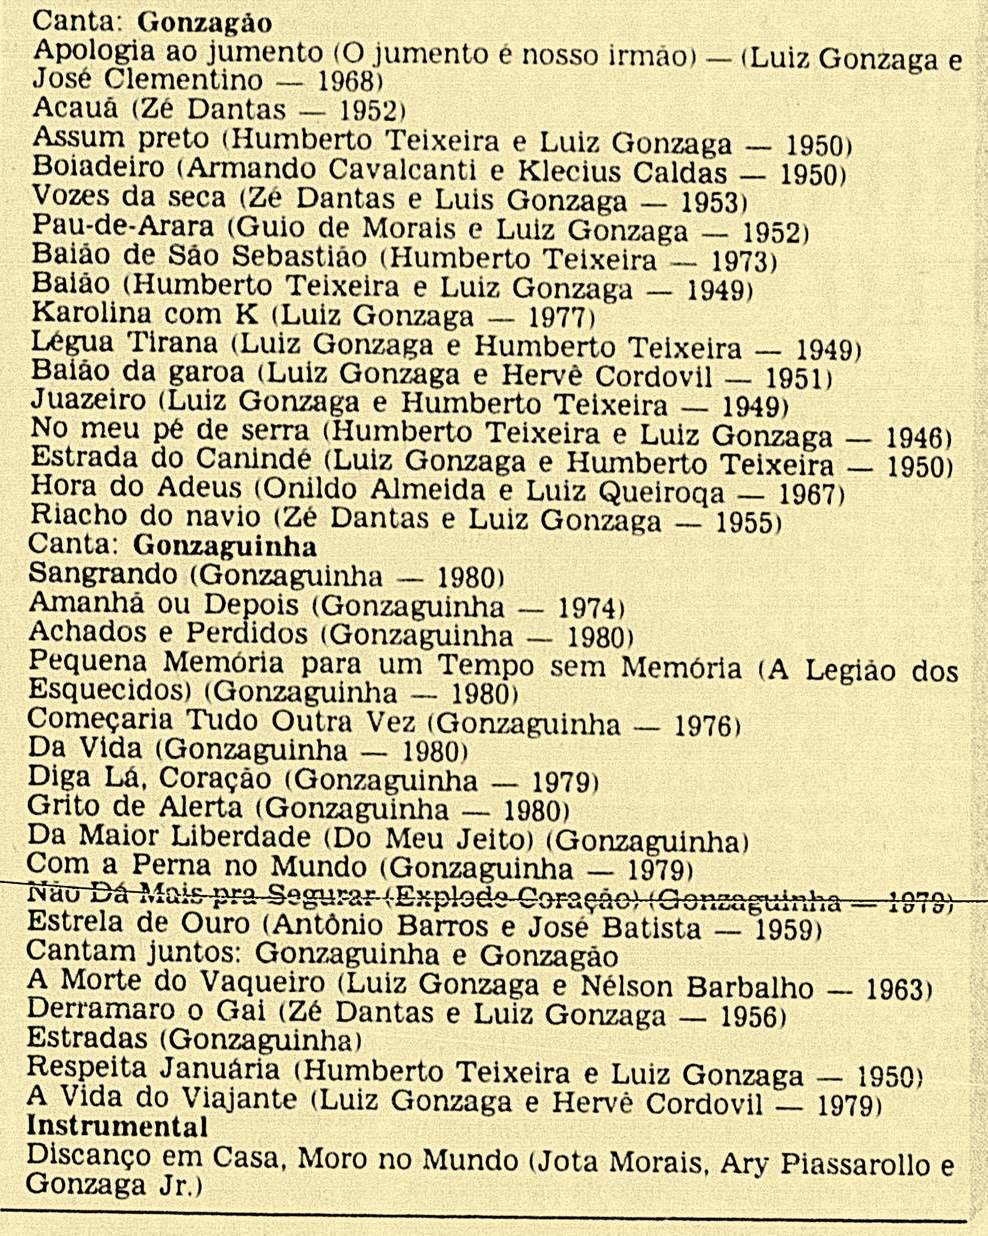 RElação das músicas e sequência como elas foram cantadas no show de Gonzagão & Gozaguinha no Rio de Janeiro - Jornal do Brasil - Caderno B - 13-01-1982,